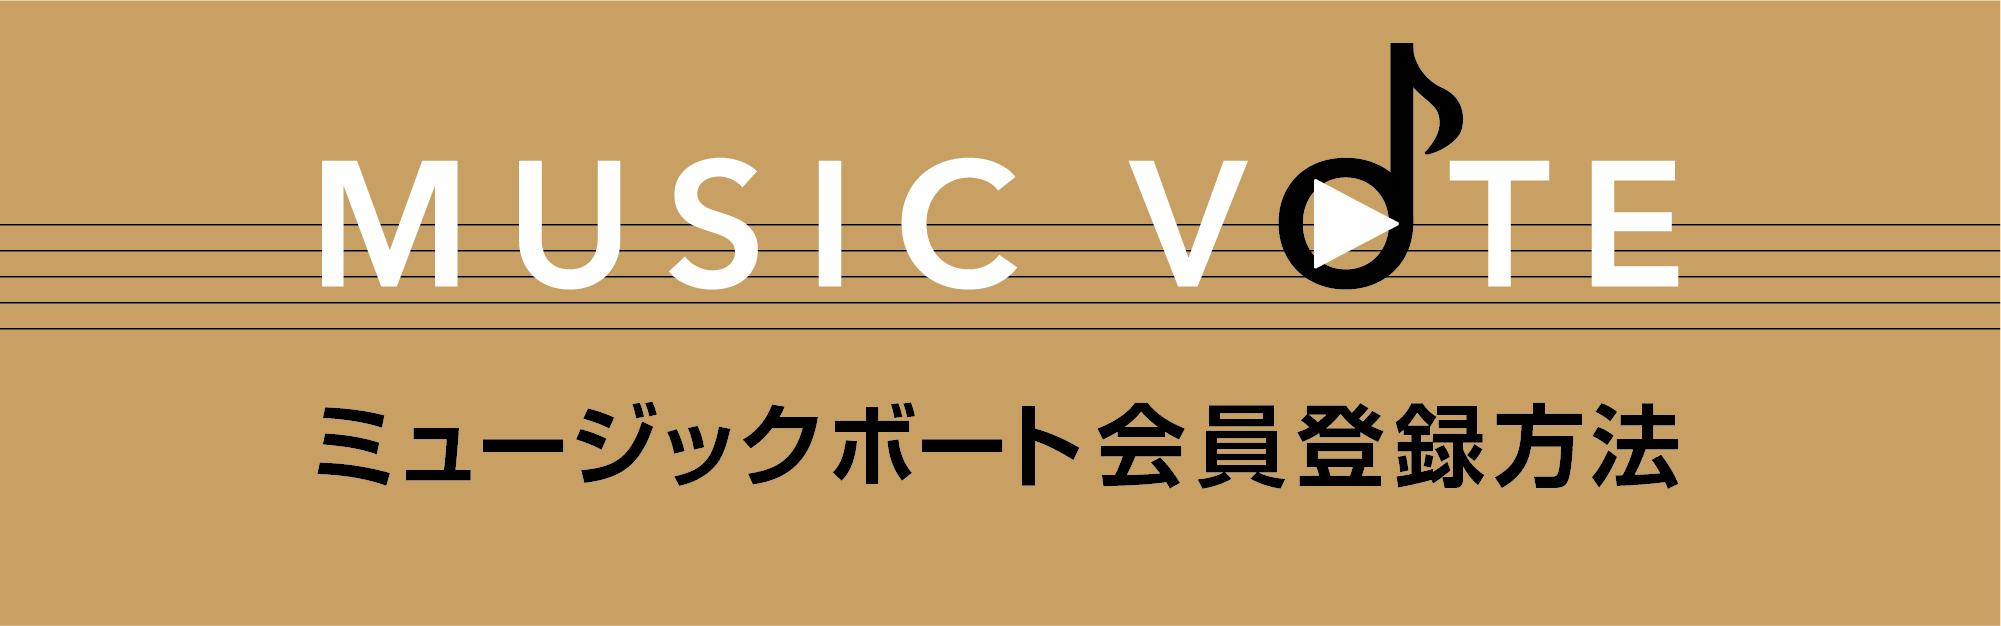 MUSIC VOTE会員入会方法